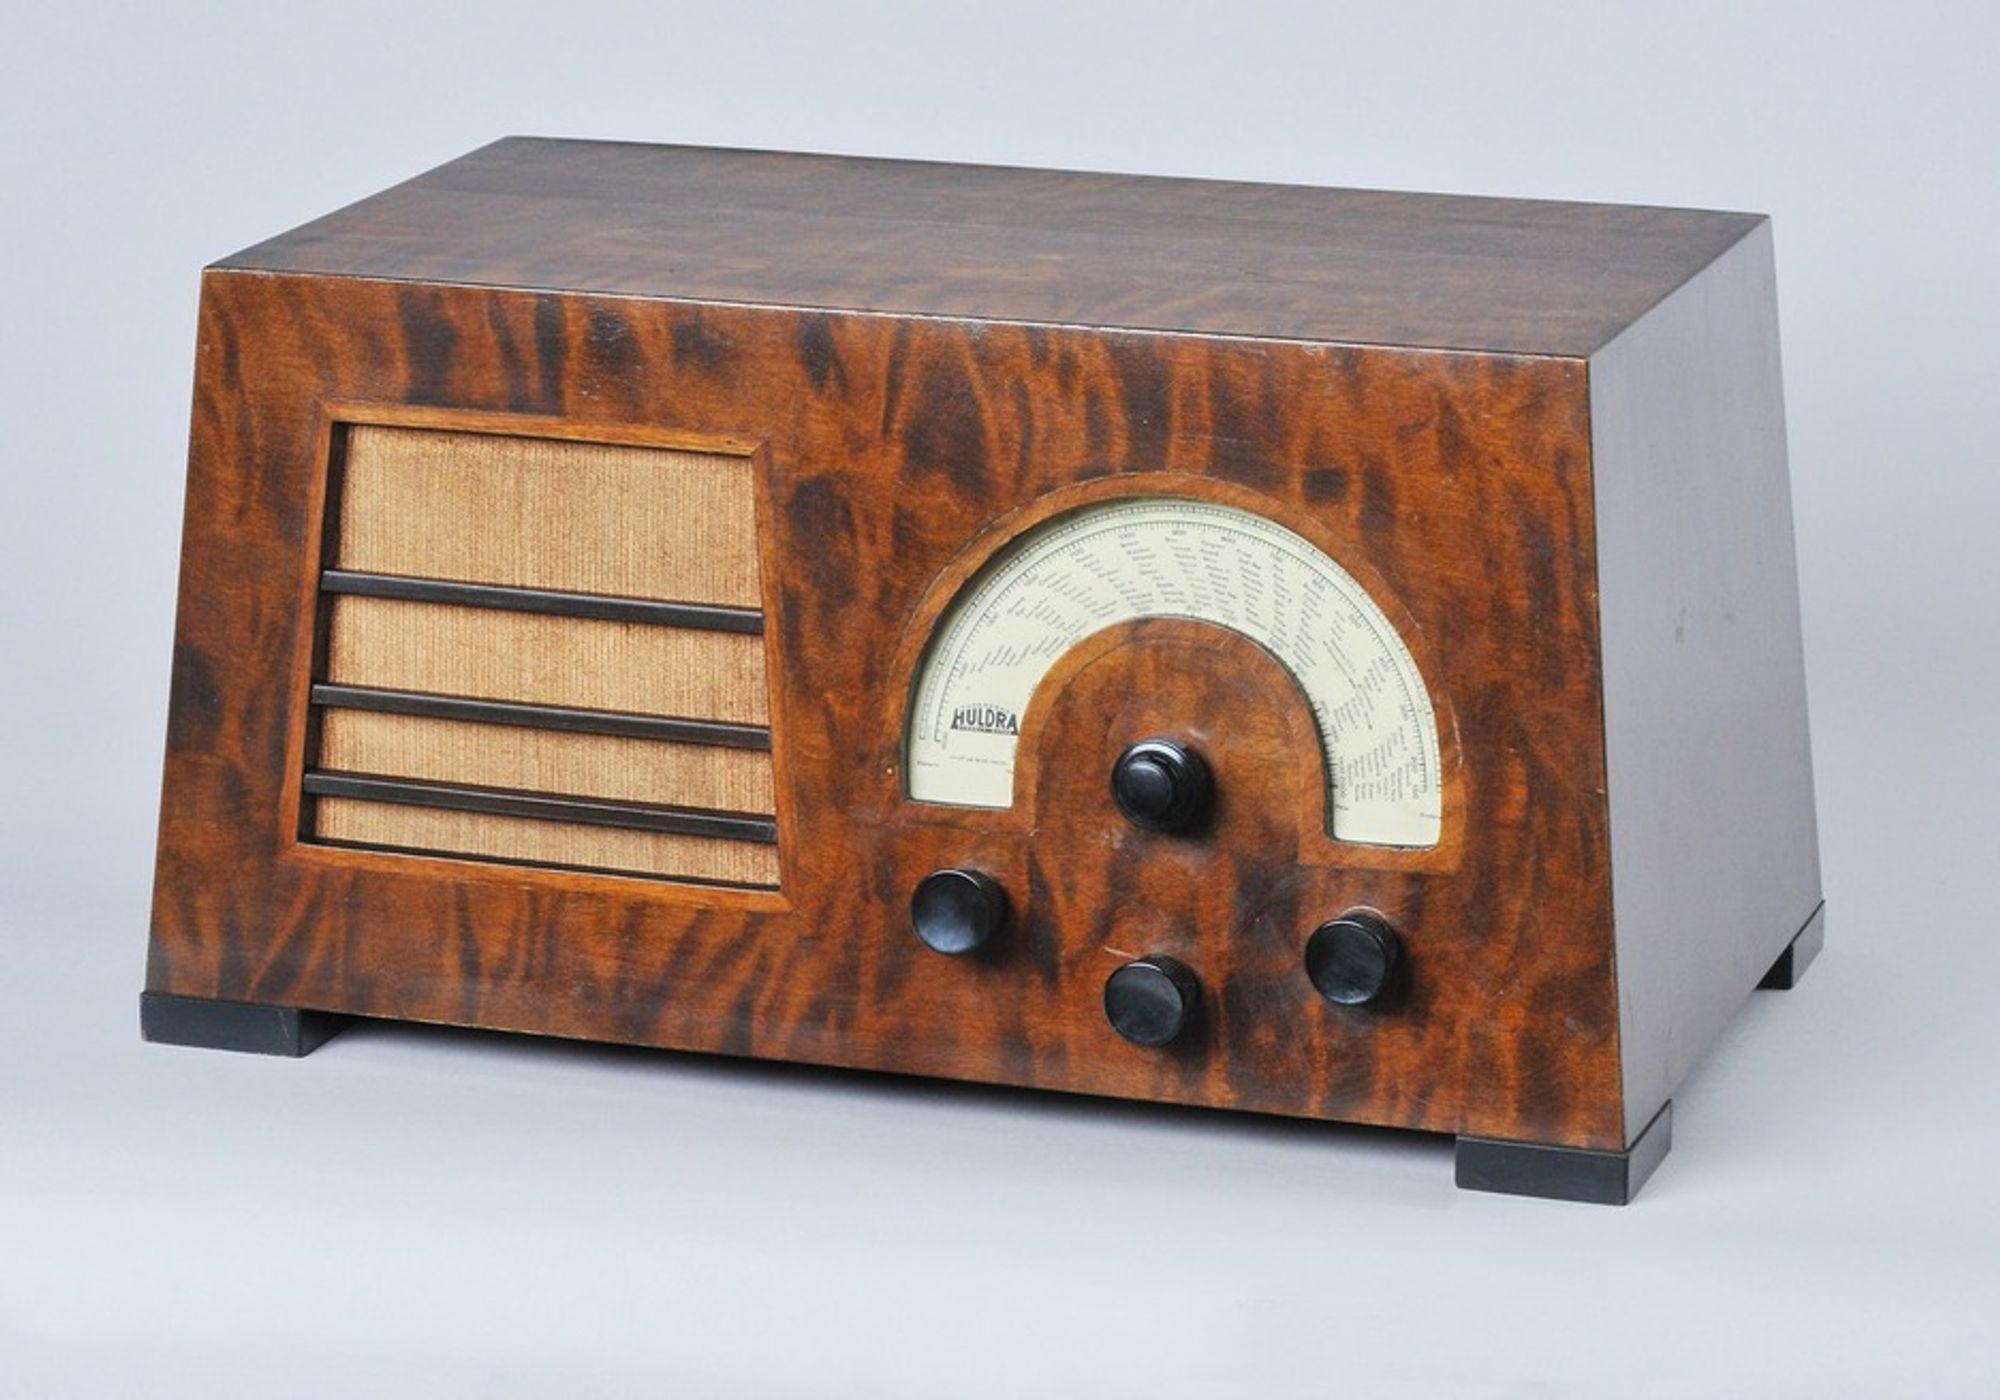 HULDRA: Huldra fra 1934  var Tandberg-fabrikkens første radioapparat.